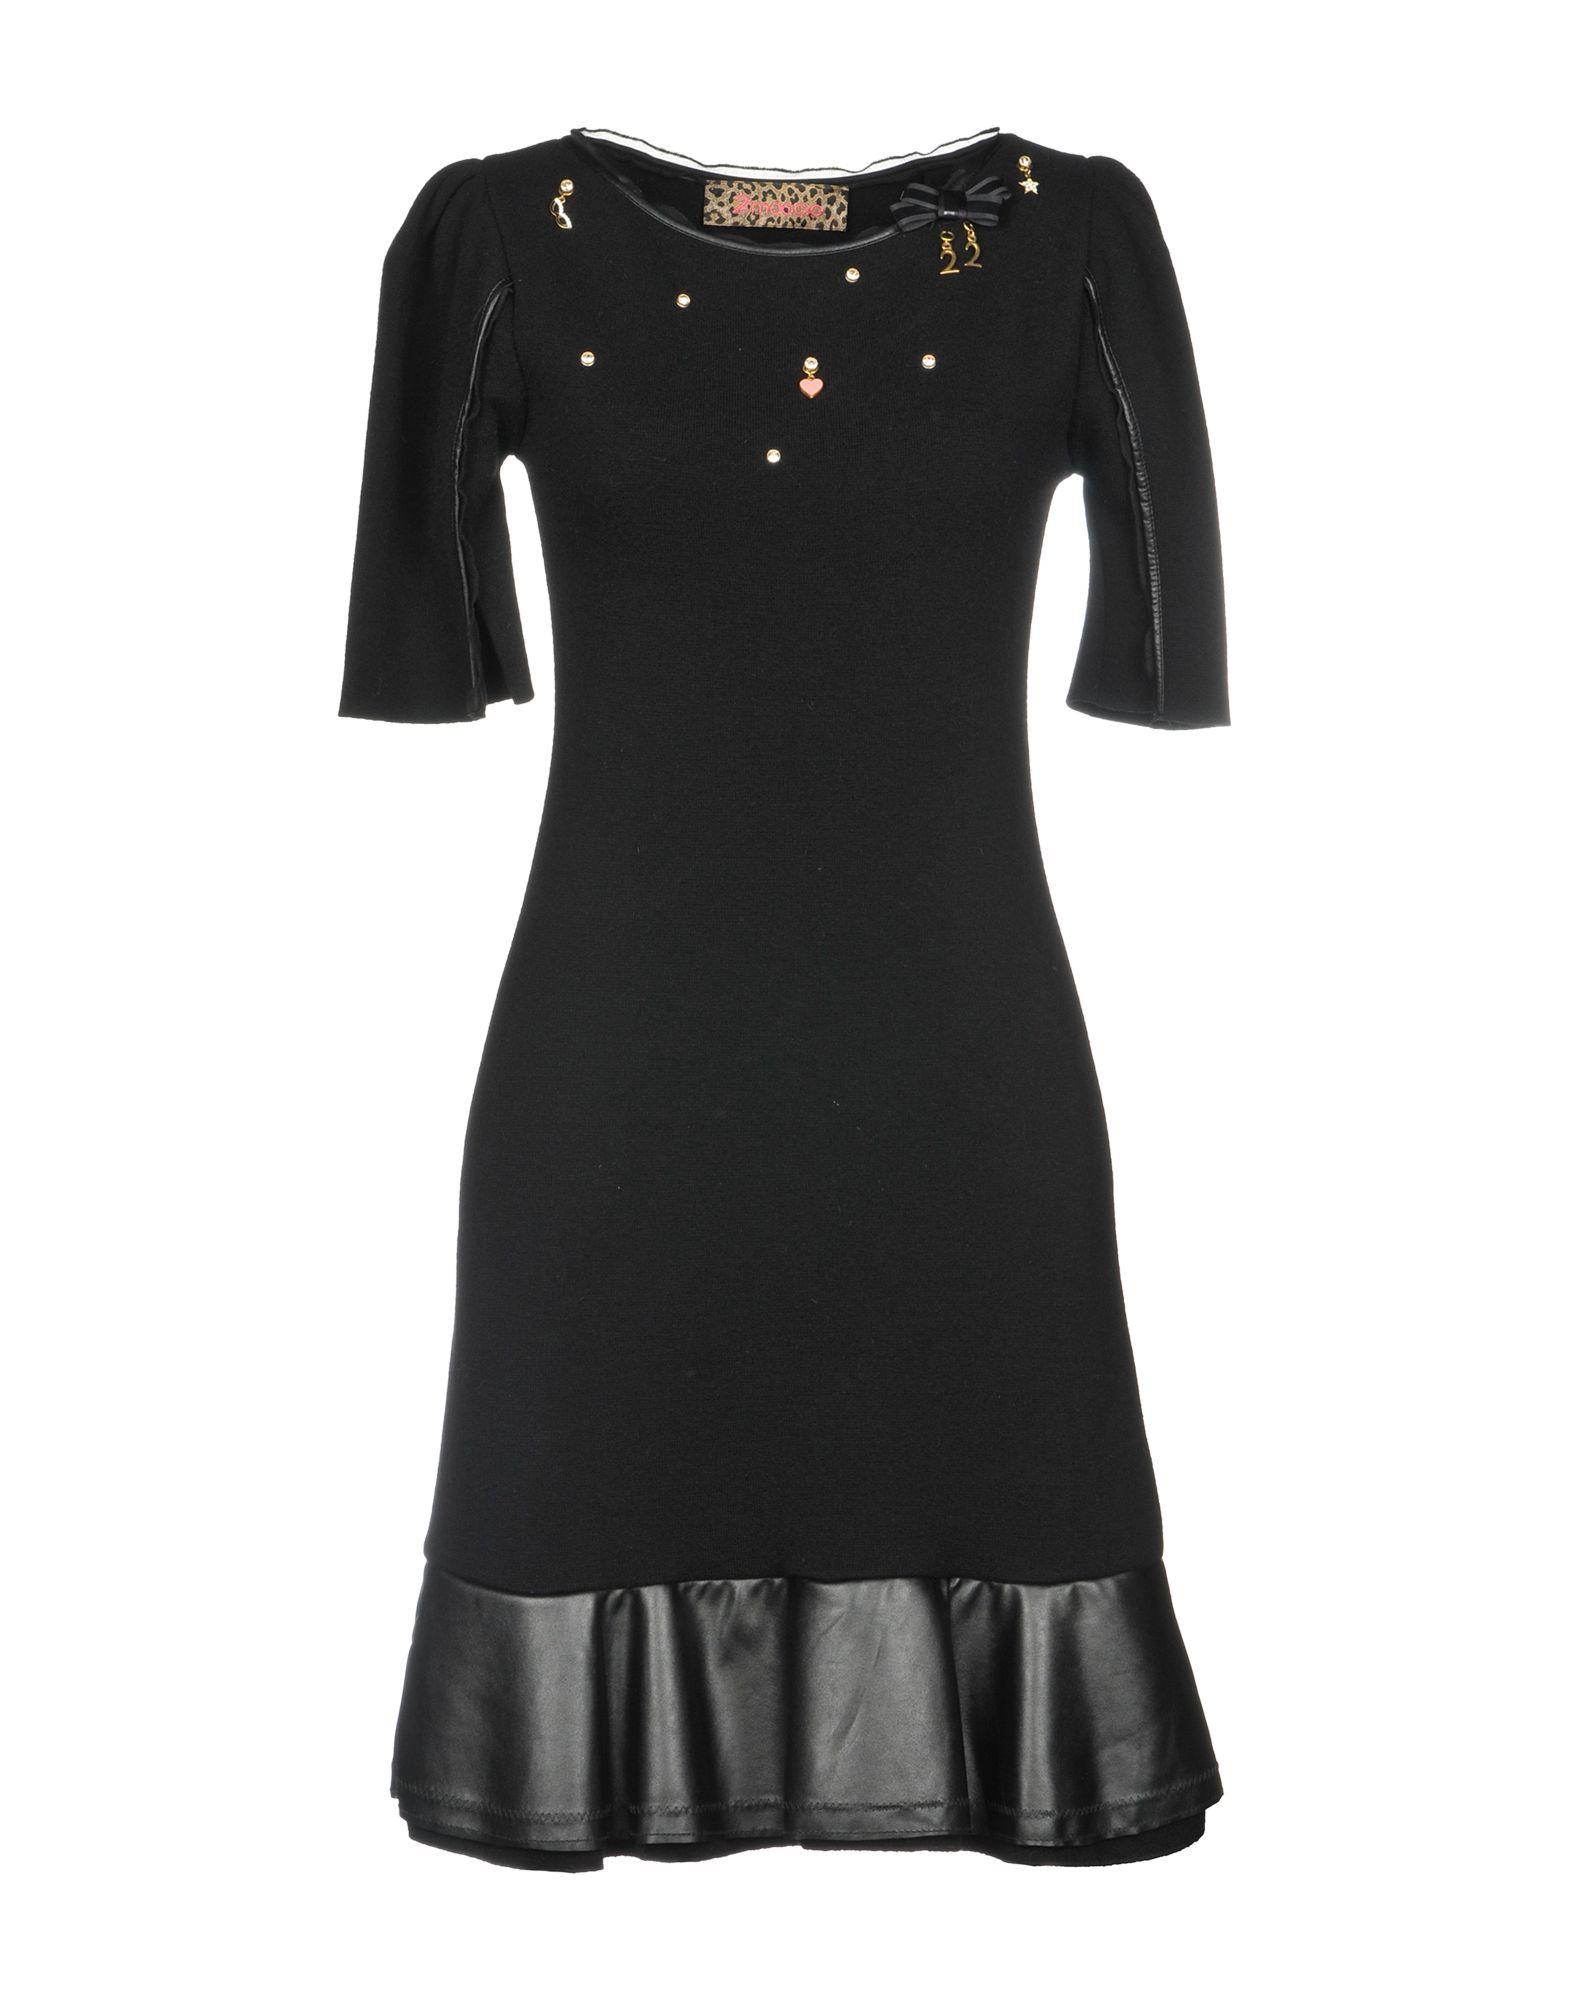 22 MAGGIO BY MARIA GRAZIA SEVERI | 22 MAGGIO by MARIA GRAZIA SEVERI Short dresses 34864426 | Goxip